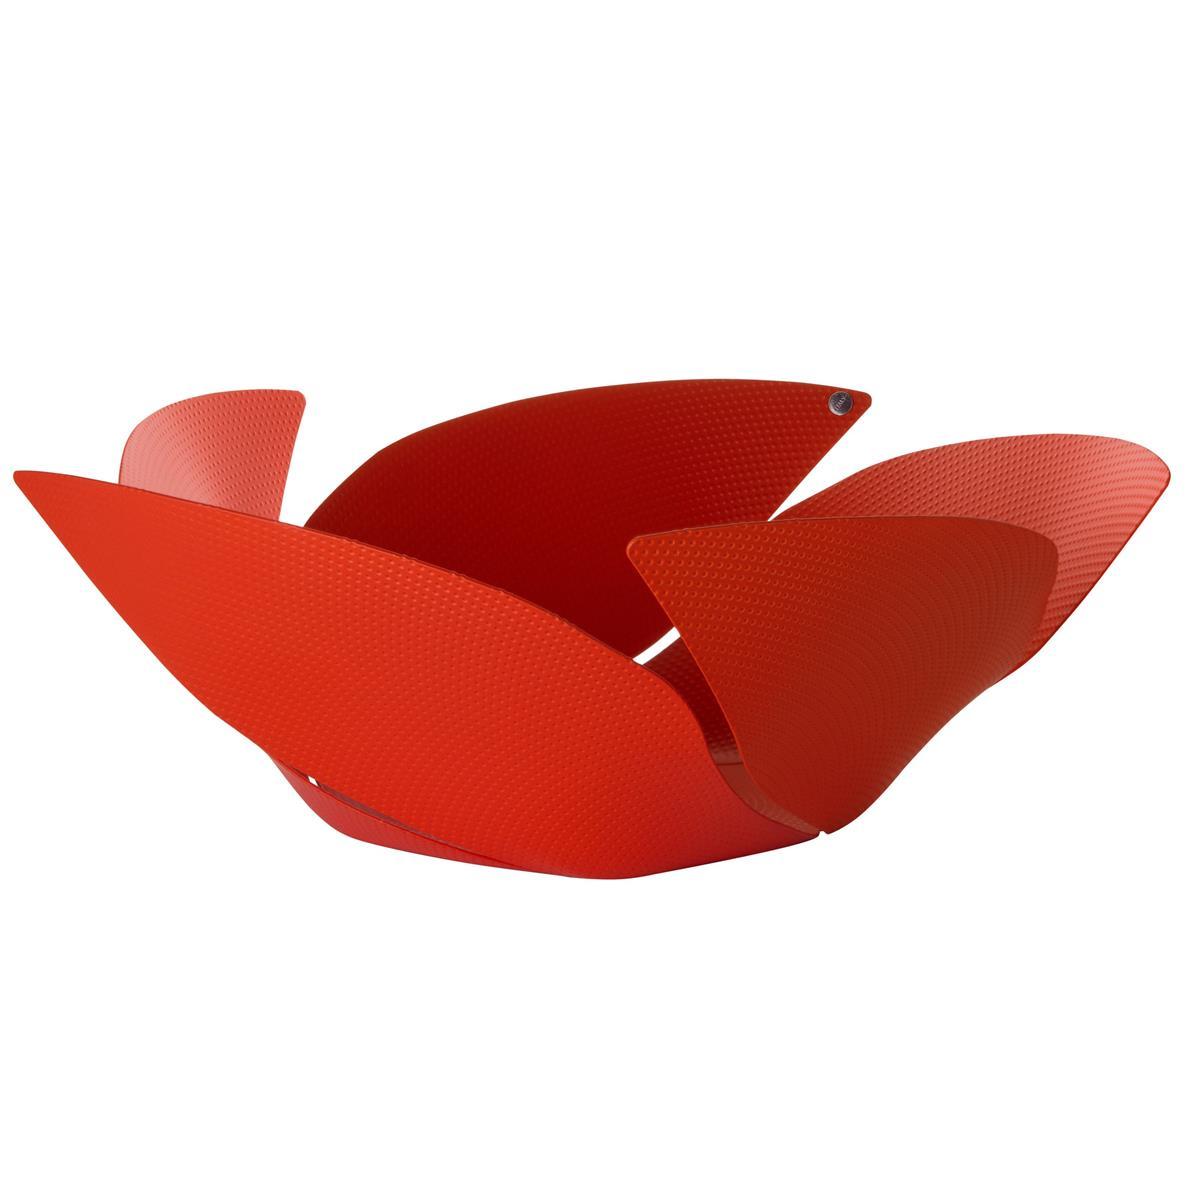 Alessi-Twist Again Obstschale aus Stahl mit Epoxidharz, rot